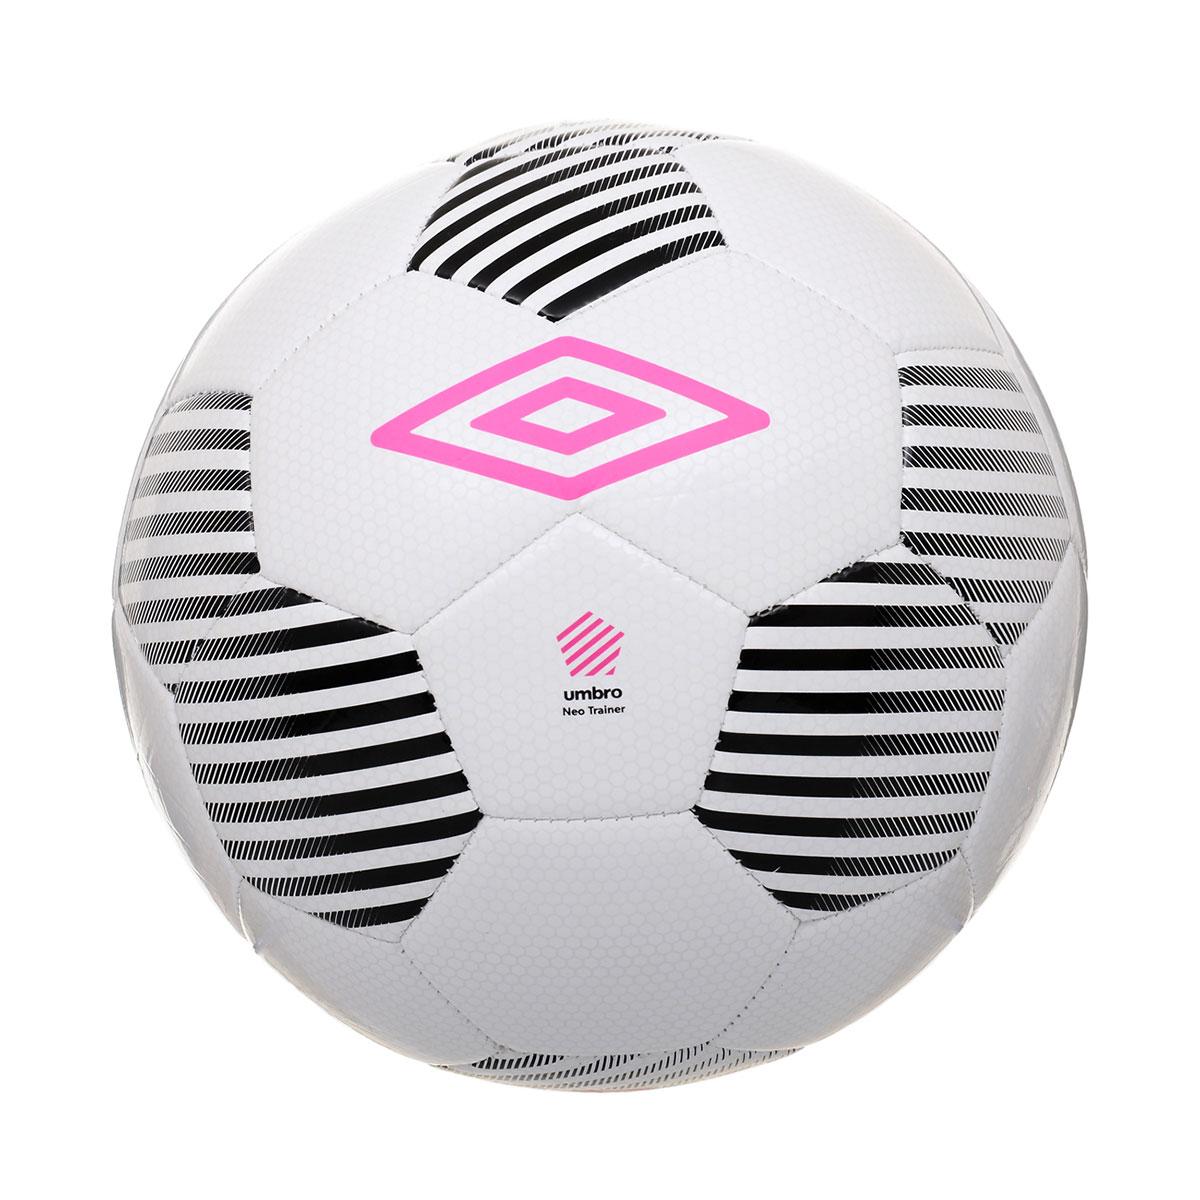 Мяч футбольный Umbro Neo Trainer, цвет: белый, черный, розовый. Размер 5. 20550U20550U